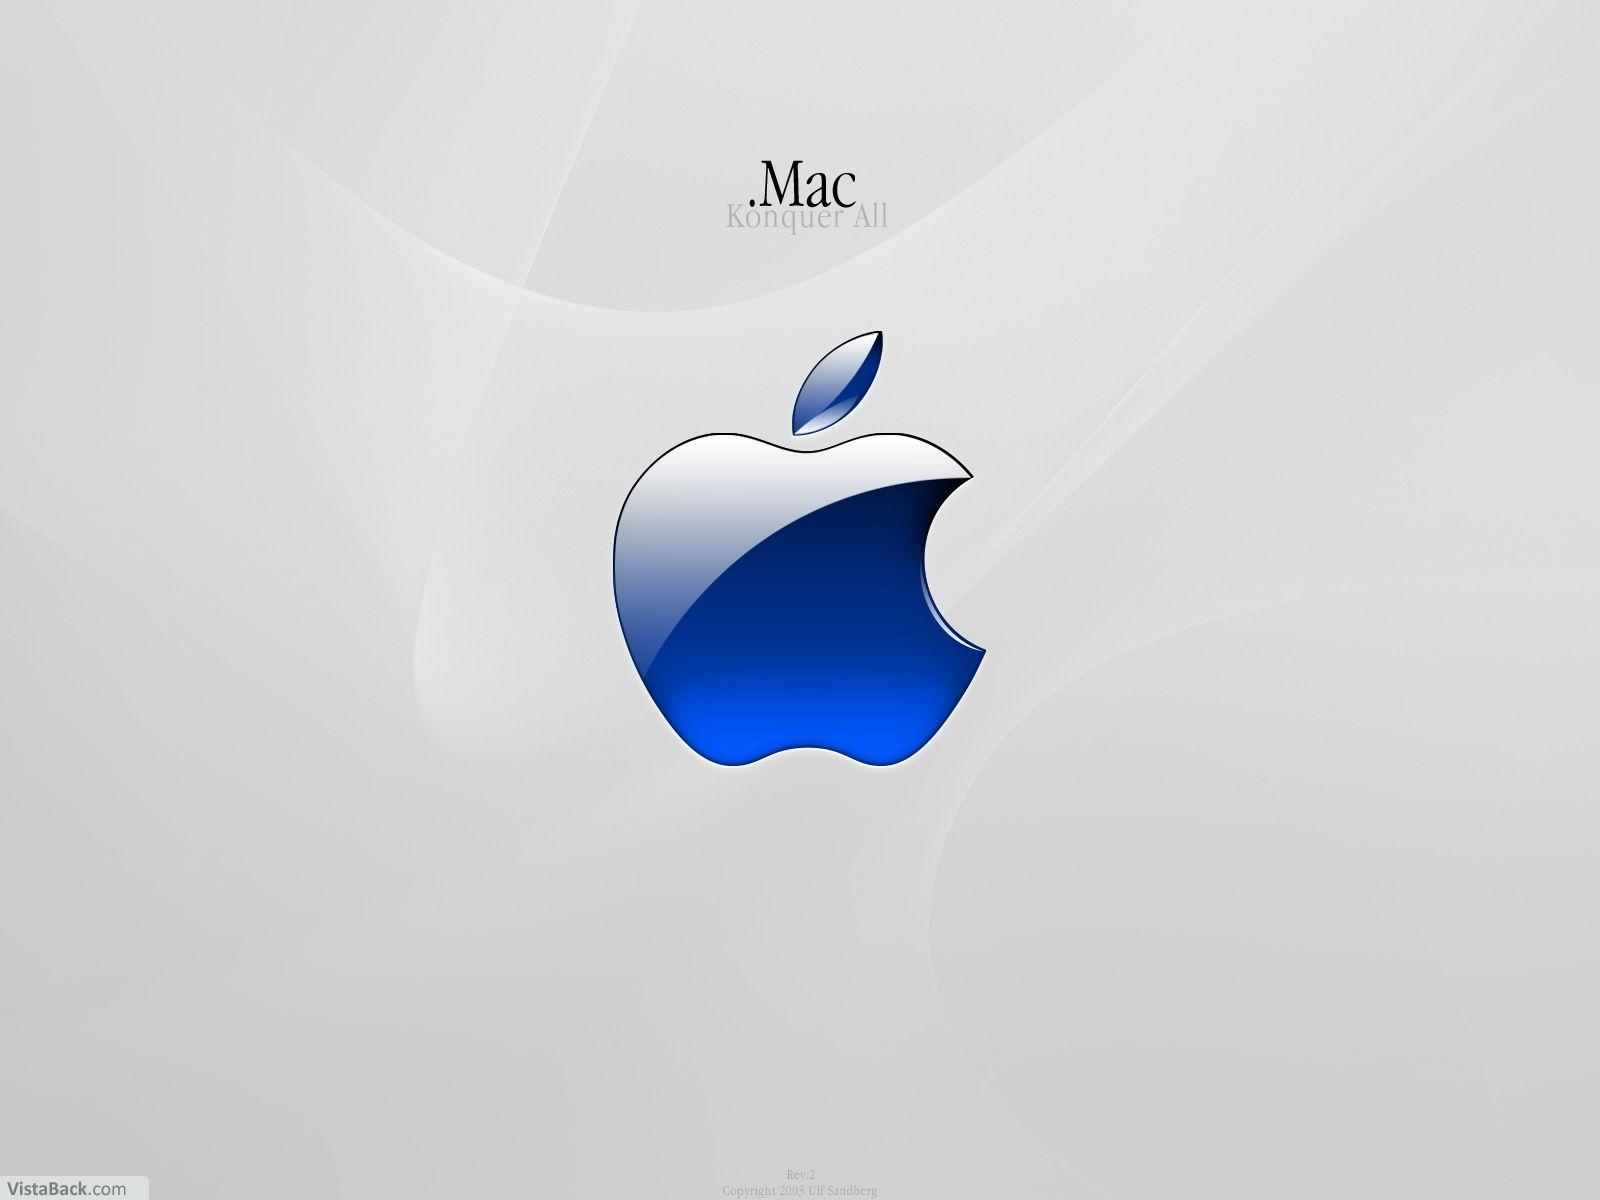 http://4.bp.blogspot.com/_DJZSrQkWQCo/S9eYrHxe-SI/AAAAAAAAAPs/7rfMQj380fI/s1600/3652_Mac_Blue.jpg